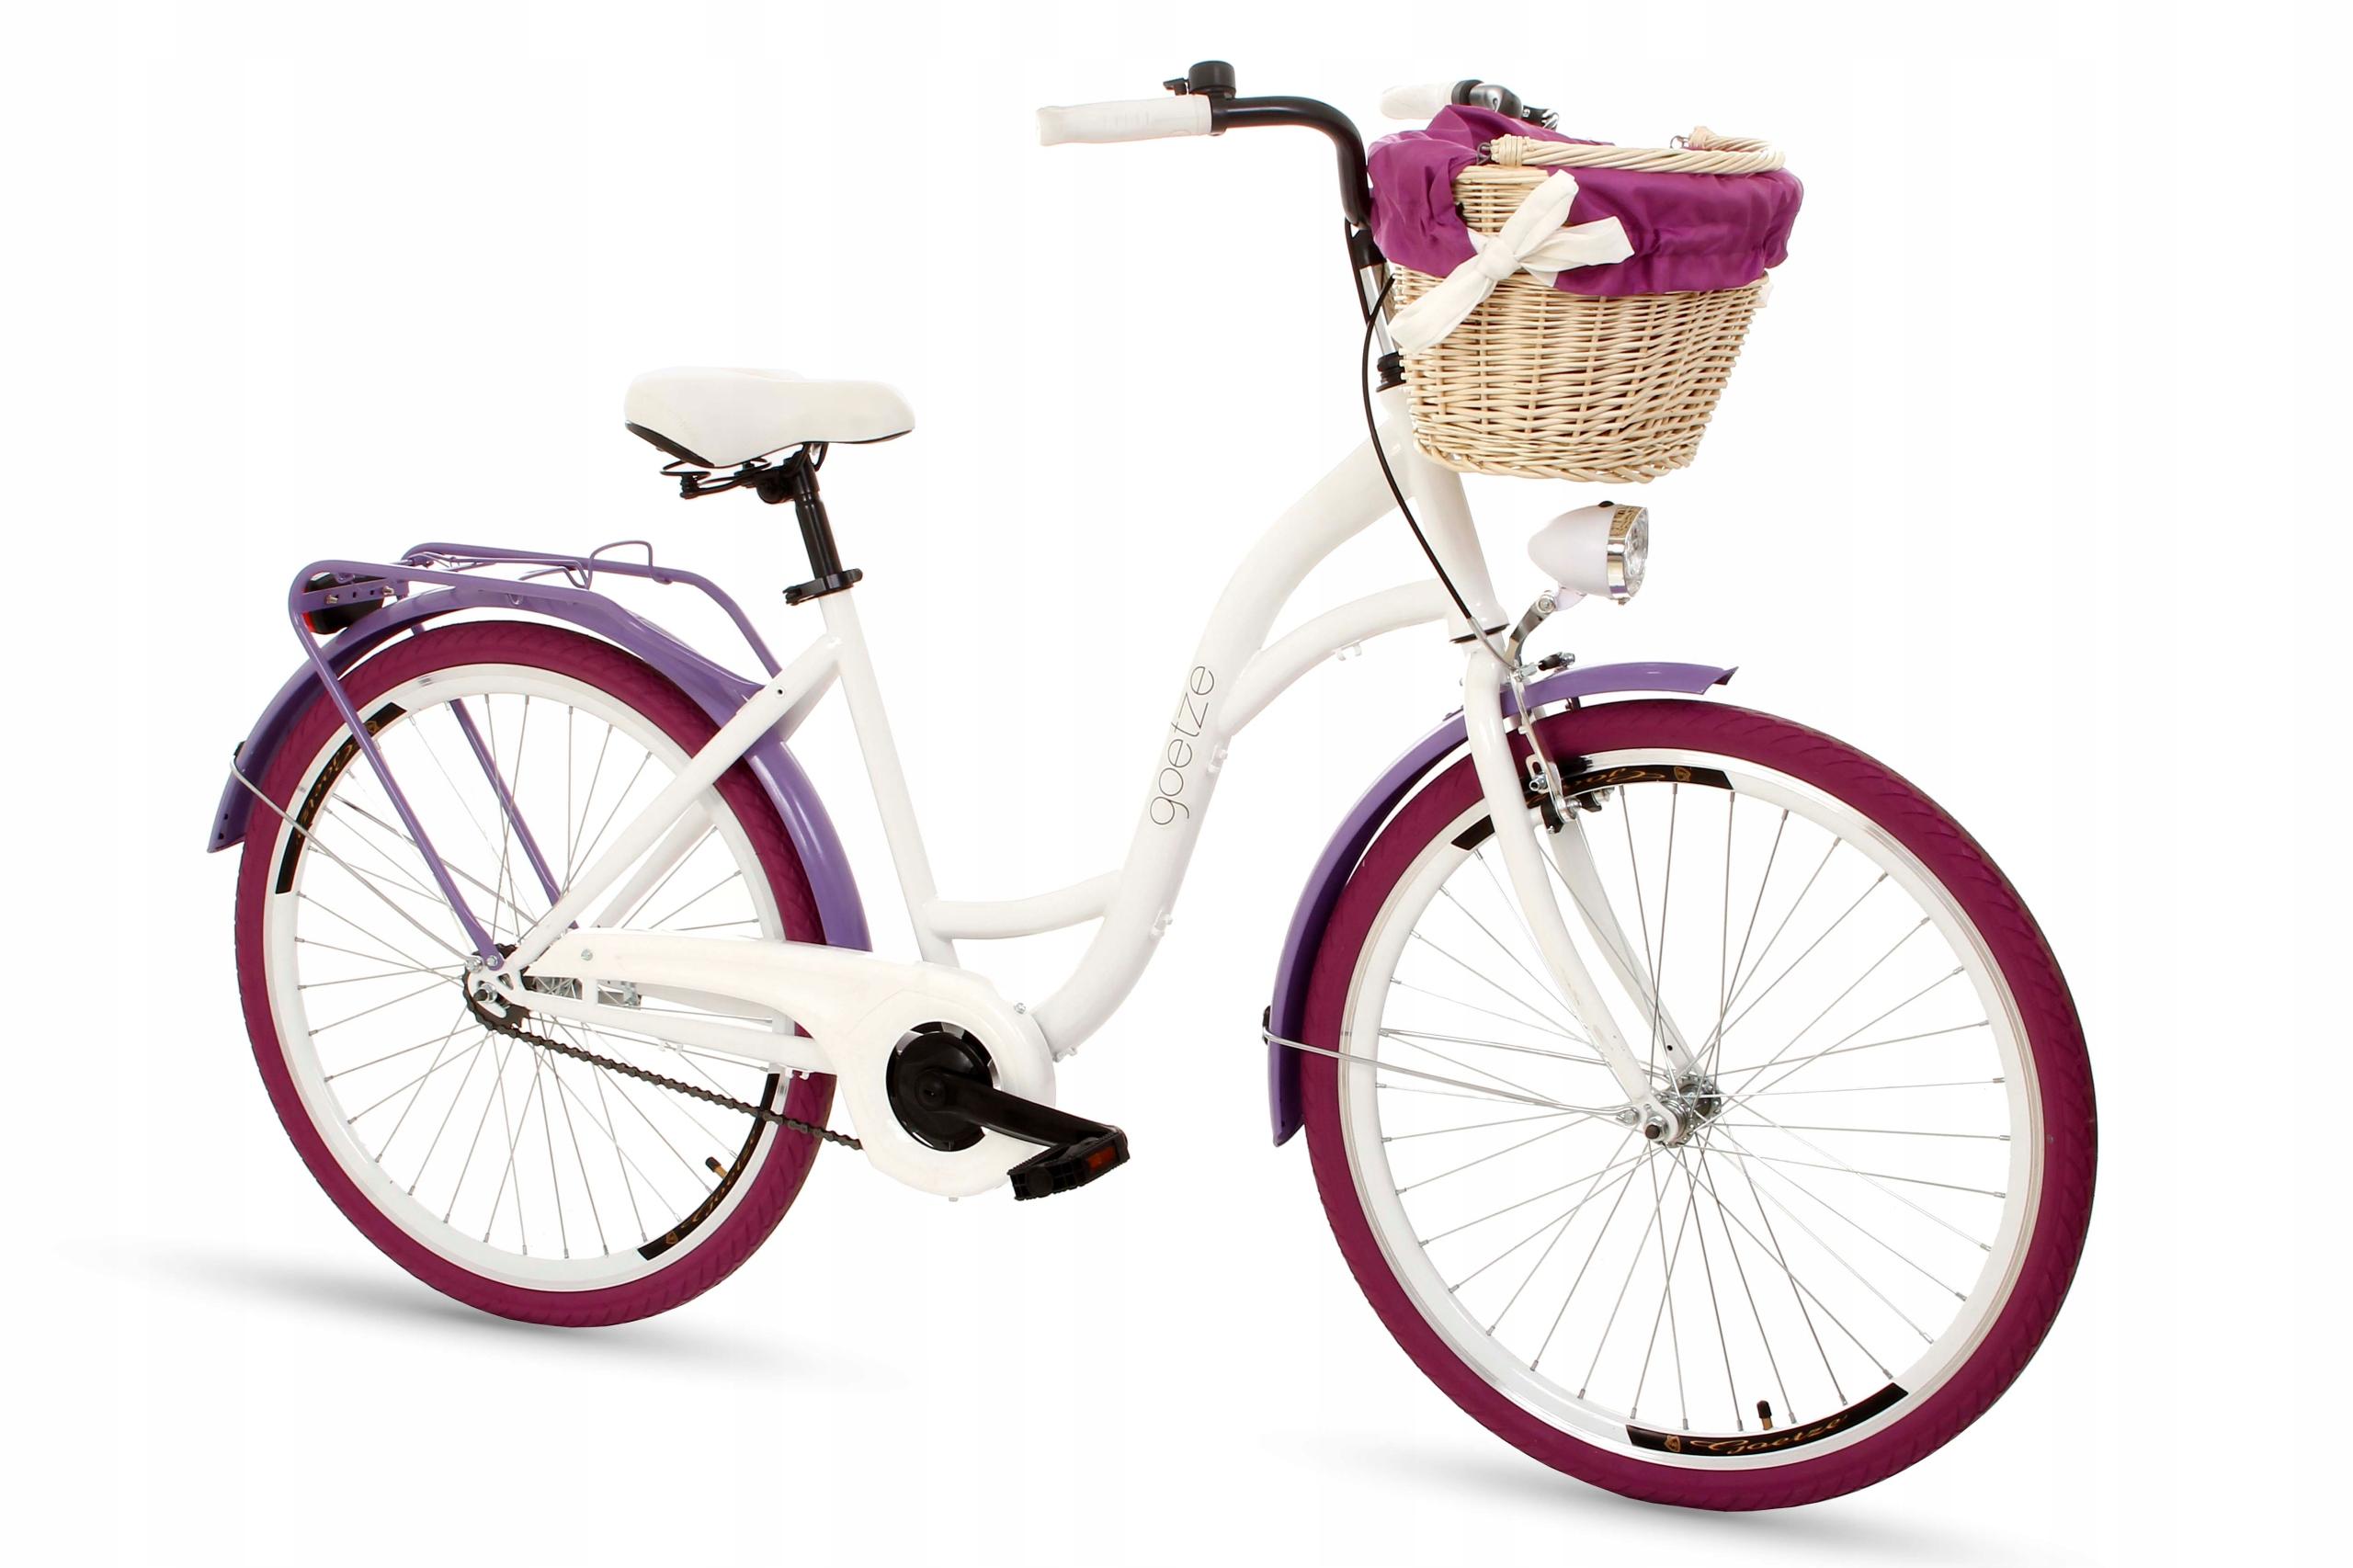 Dámsky mestský bicykel Goetze COLORS 26 košík!  Značka Goetze